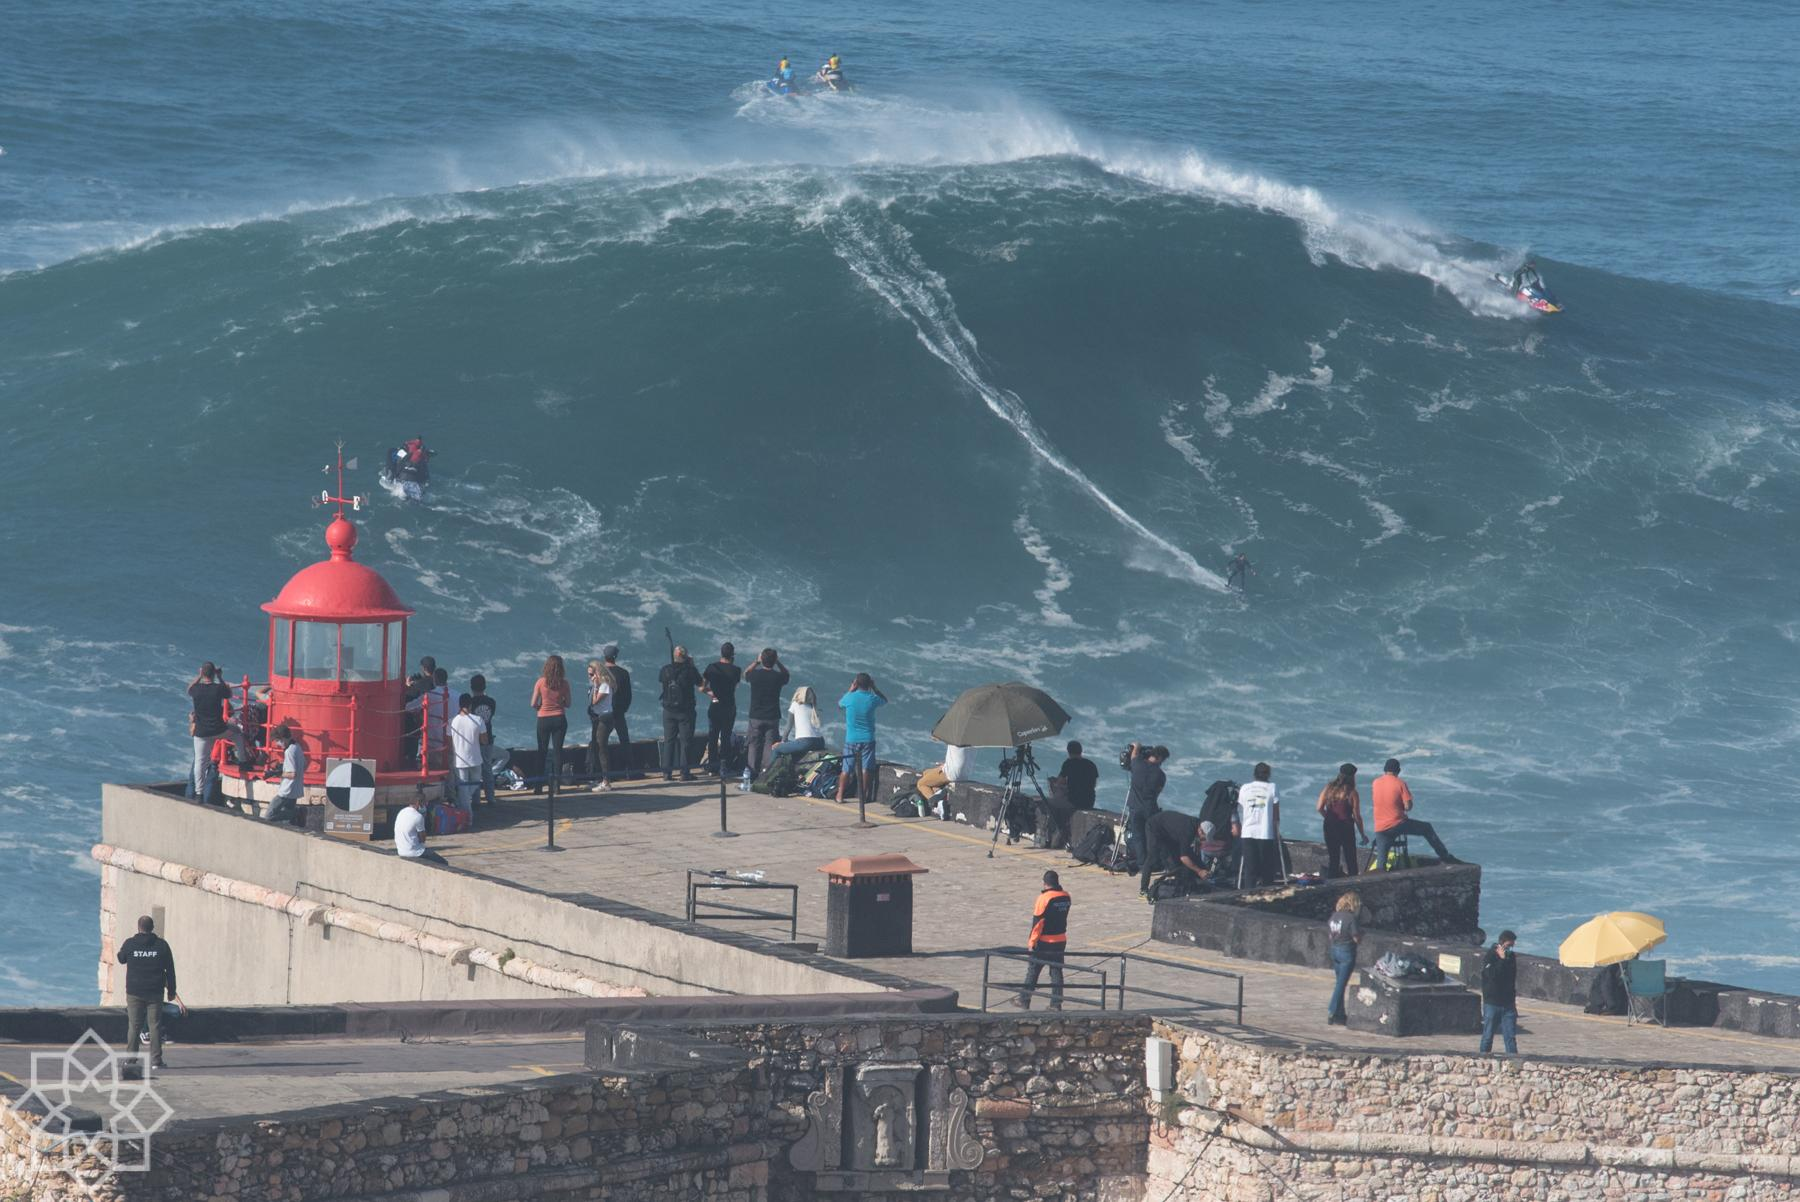 Tow in surf challenge Nazaré